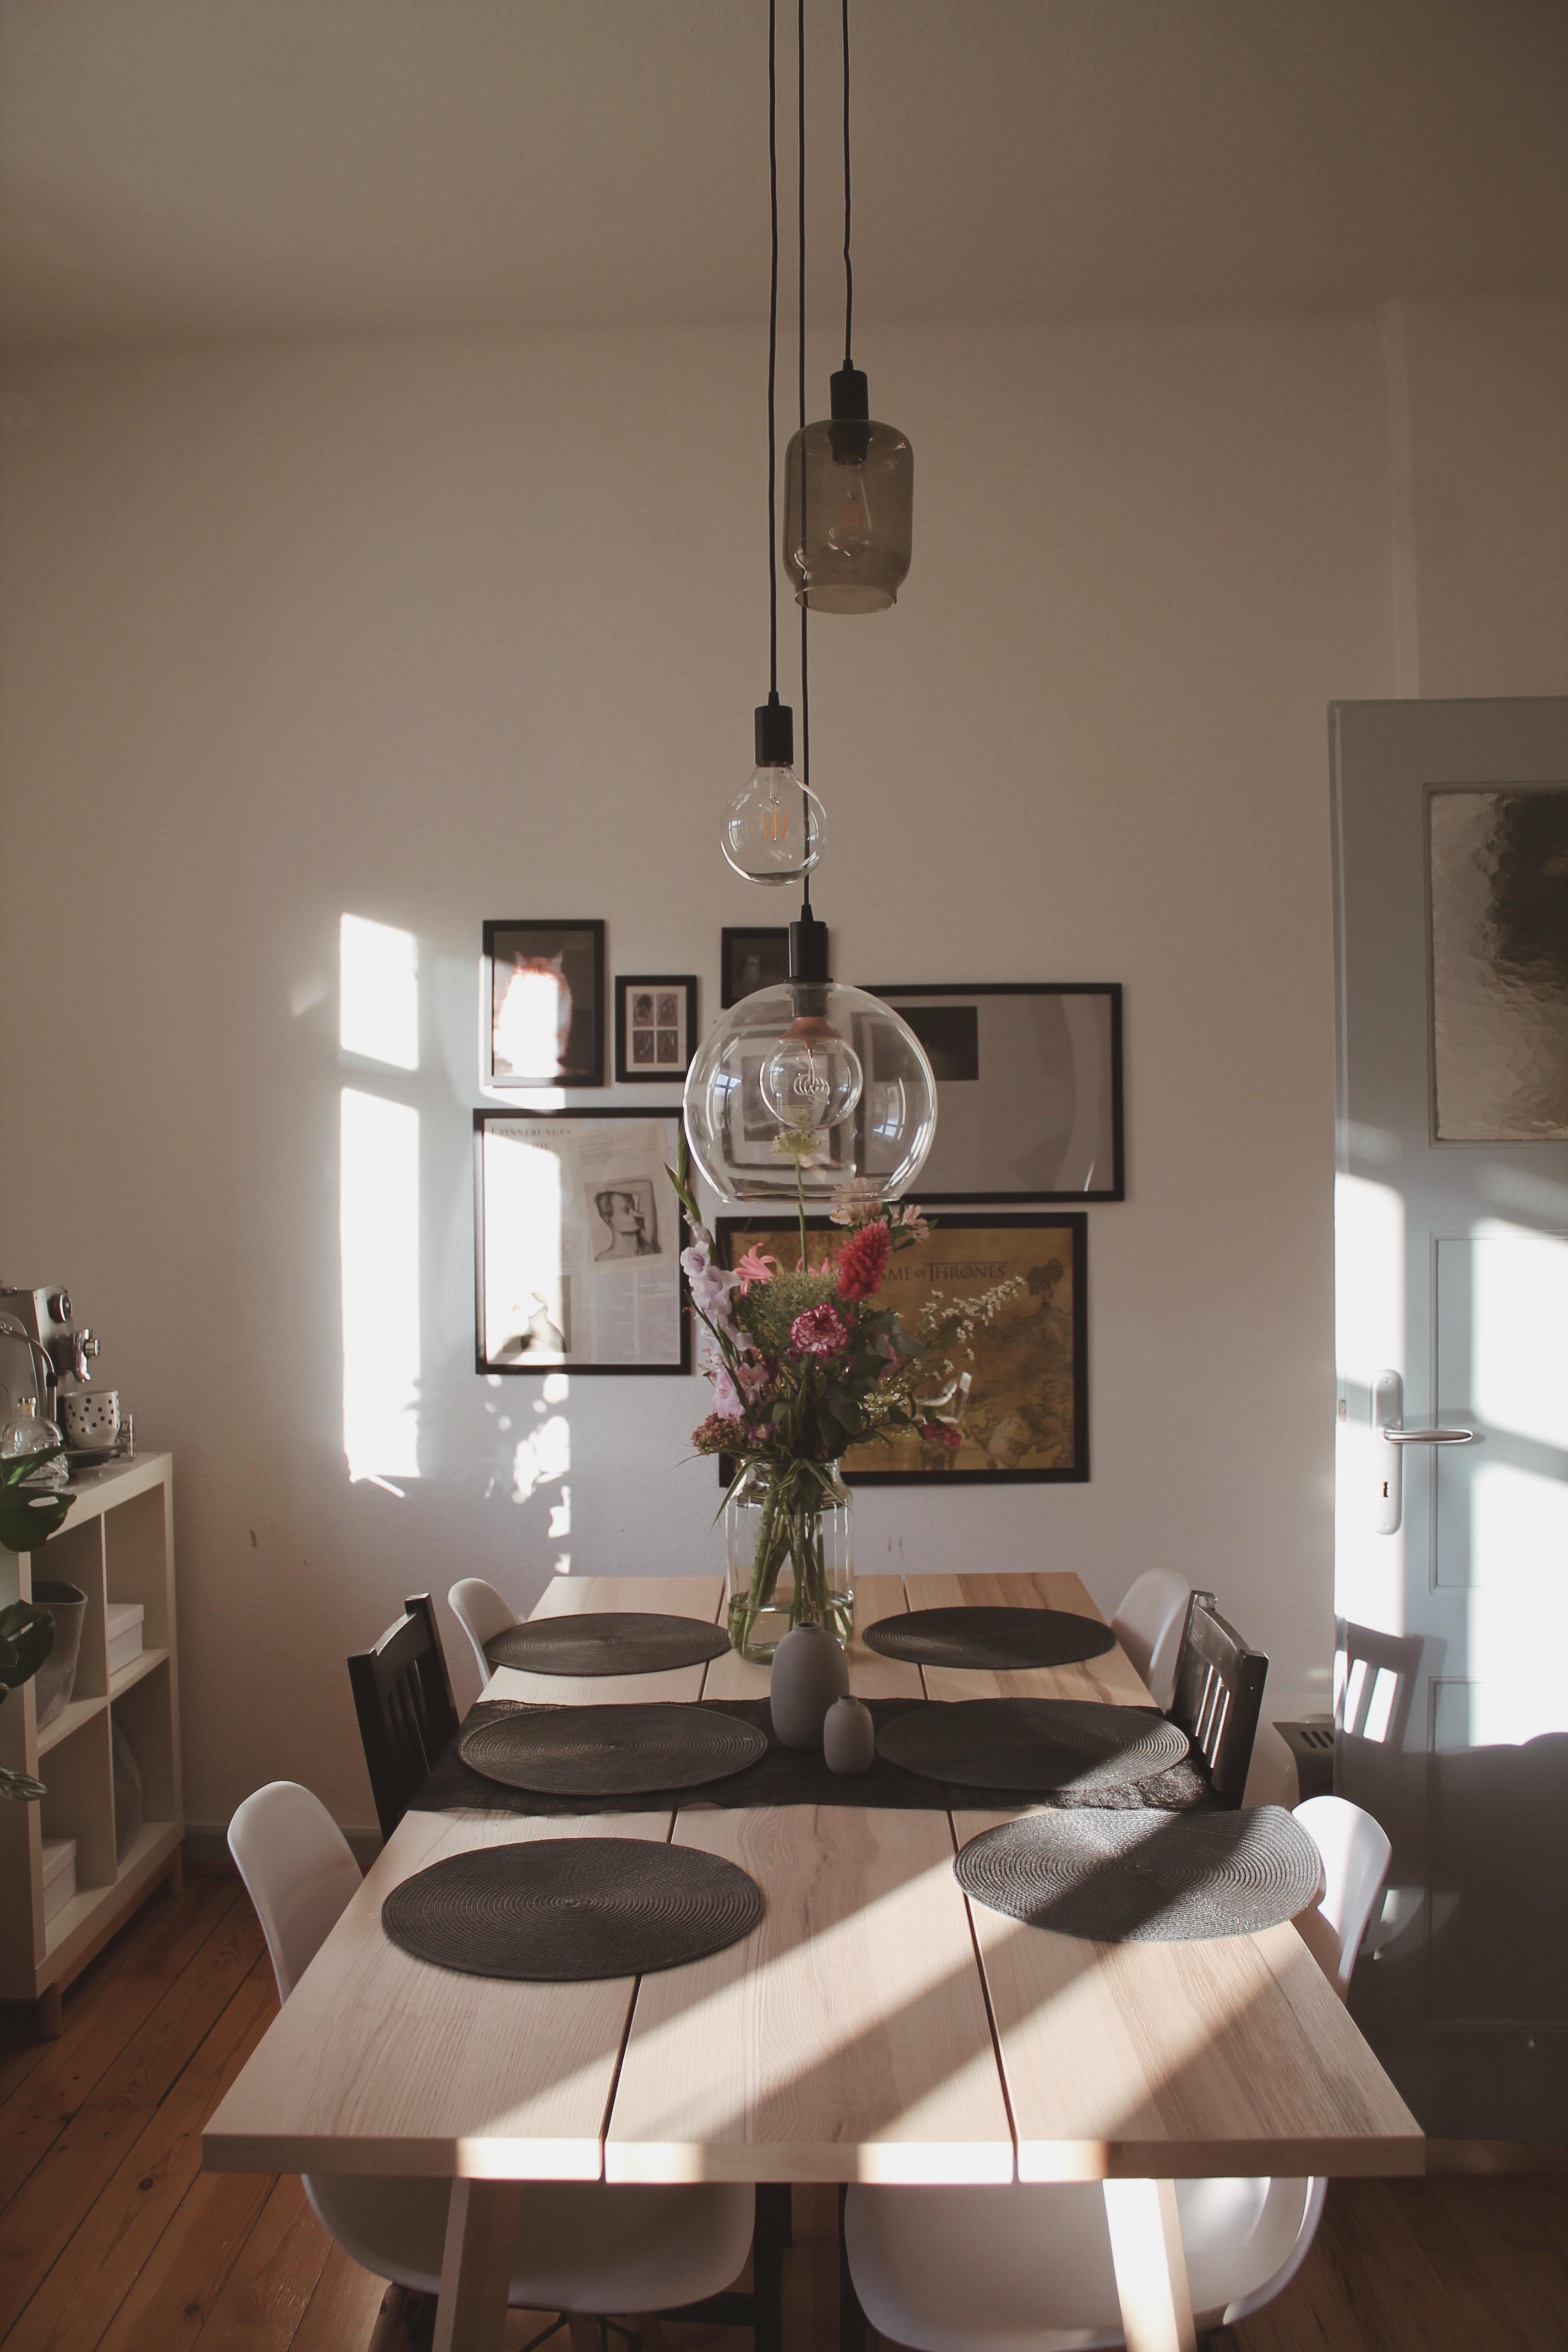 Einmal Abendsonne Zum Mitnehmen Bitte! ☀ #esszimmer #couchstyle #lampe  #scandinaviandesign